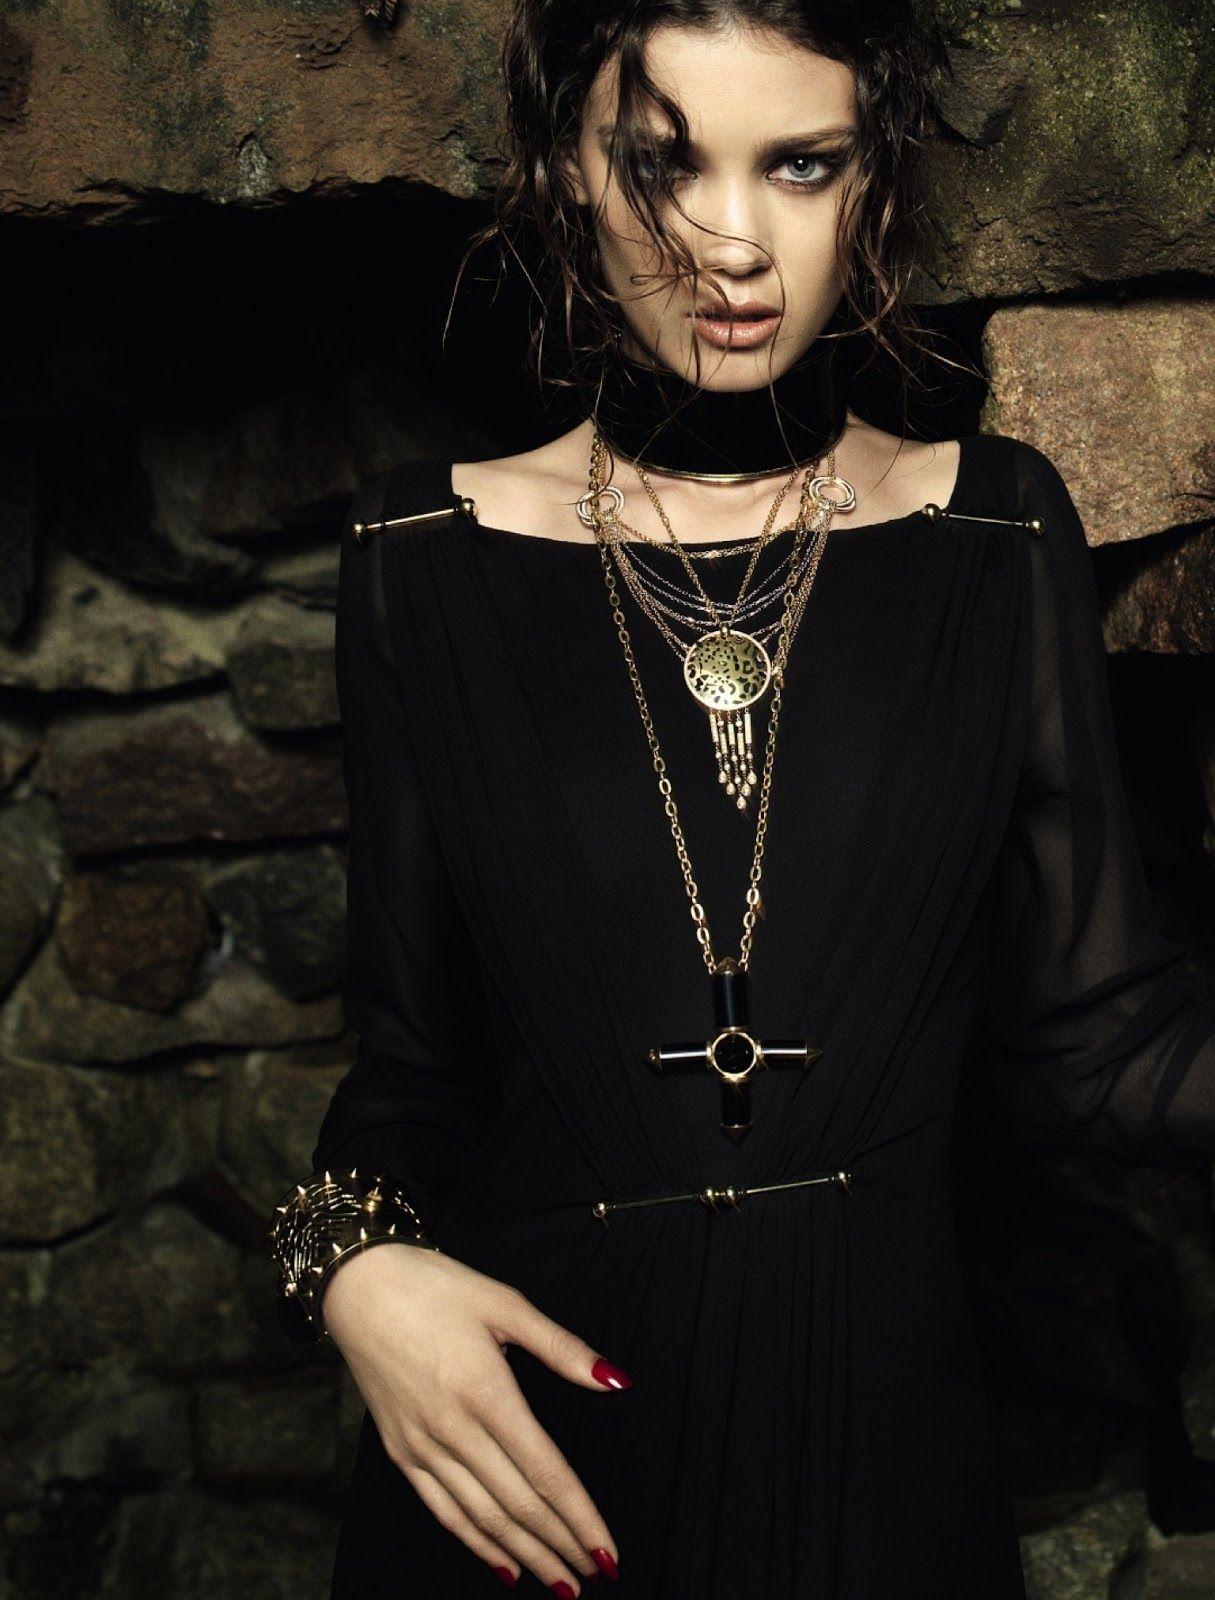 boho tumma: Diana Moldovan Henrique Gendre Vogue Brasilia toukokuu 2013 | visuaalinen optimismia; muoti pääkirjoitukset, osoittaa, kampanjoita ja enemmän!